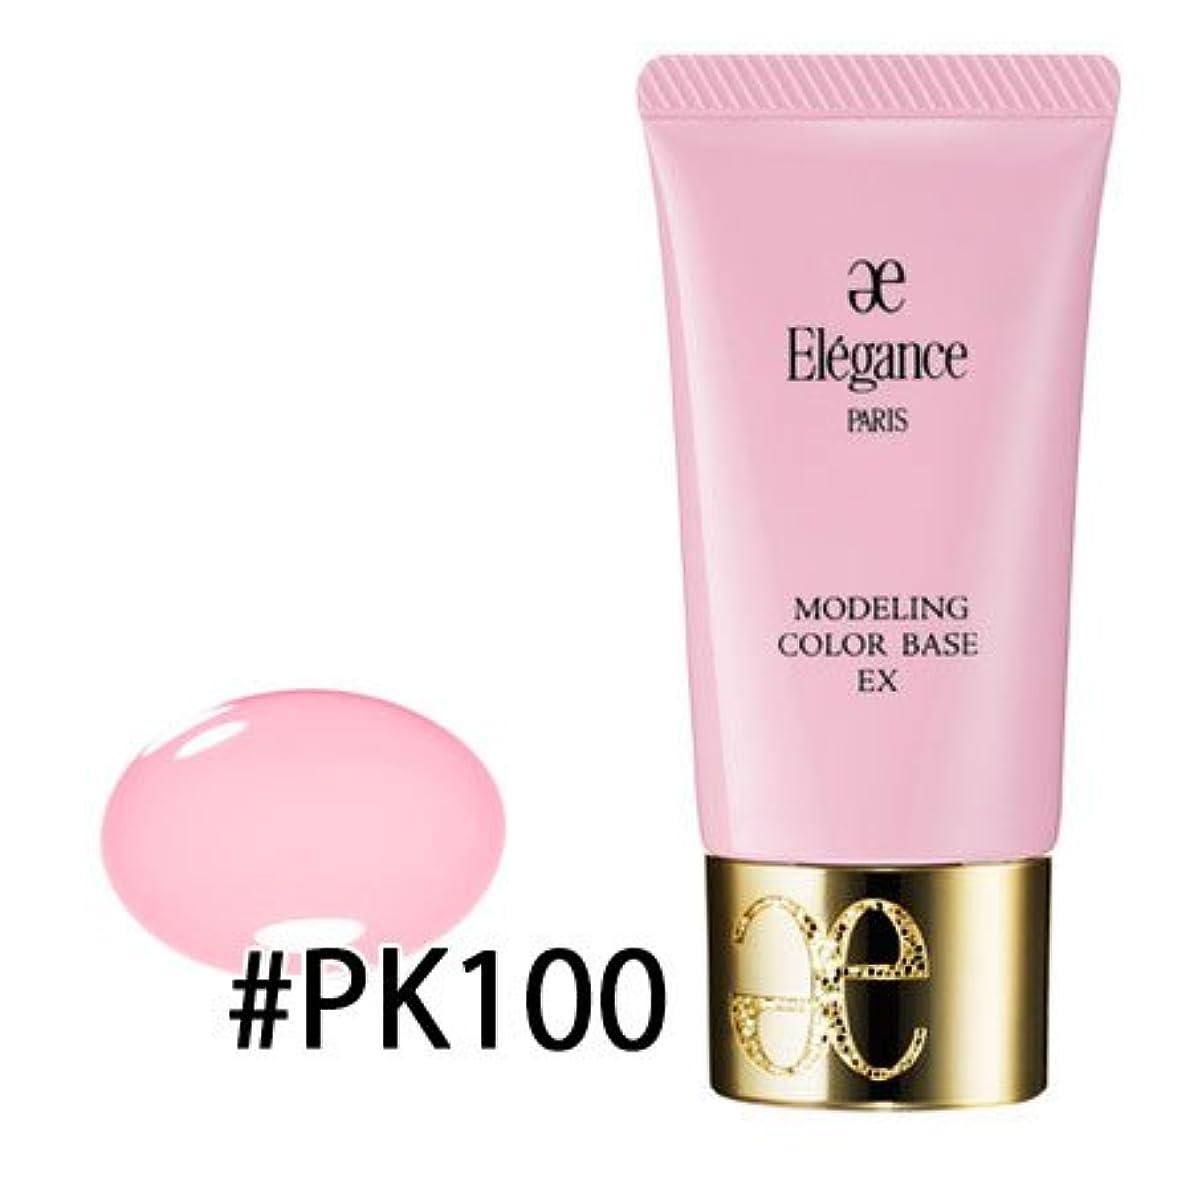 巨人光景脅威エレガンス モデリング カラーベース EX #PK100